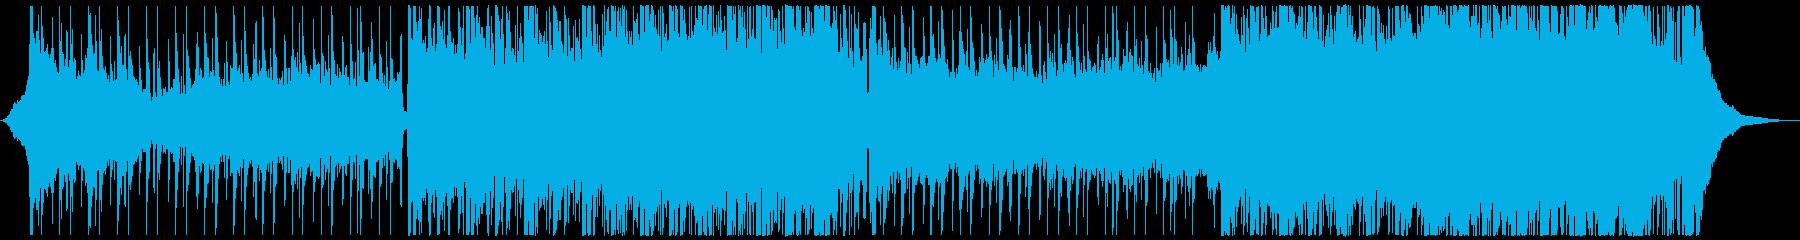 ブルース カントリー リラックス ...の再生済みの波形